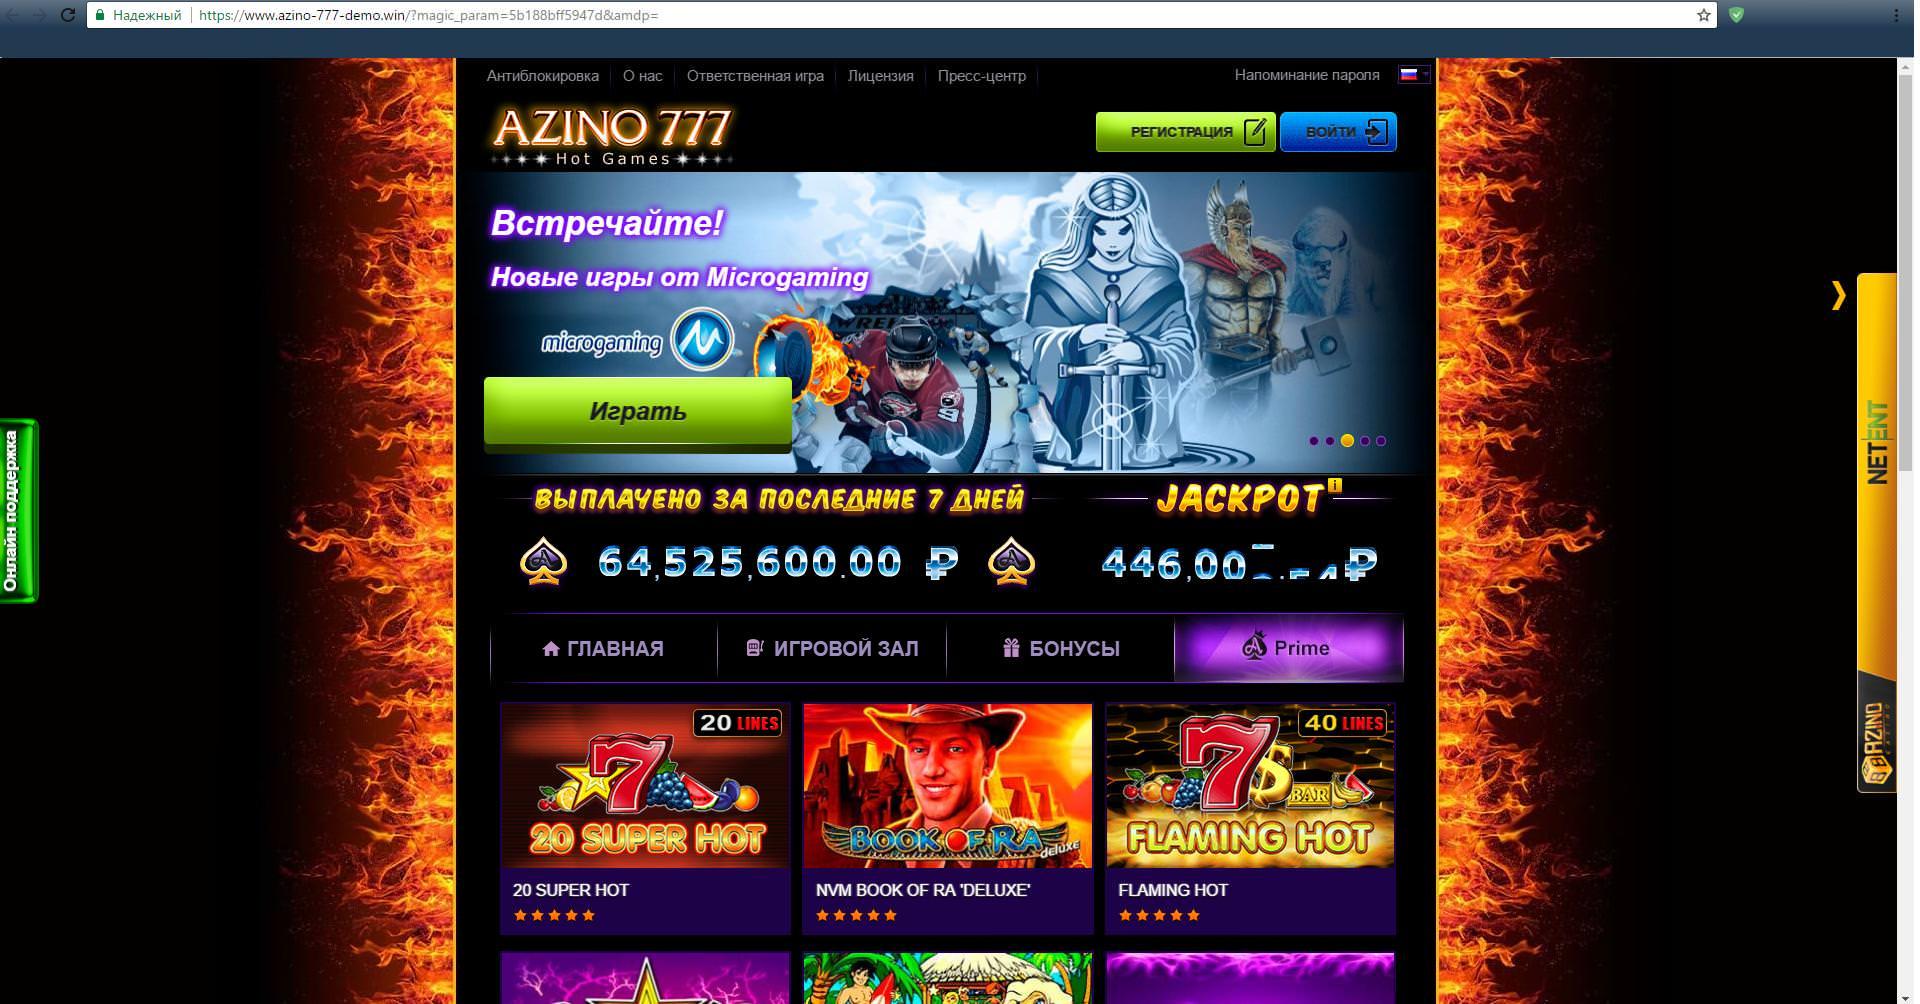 Как играть онлайн на сайте Azino777